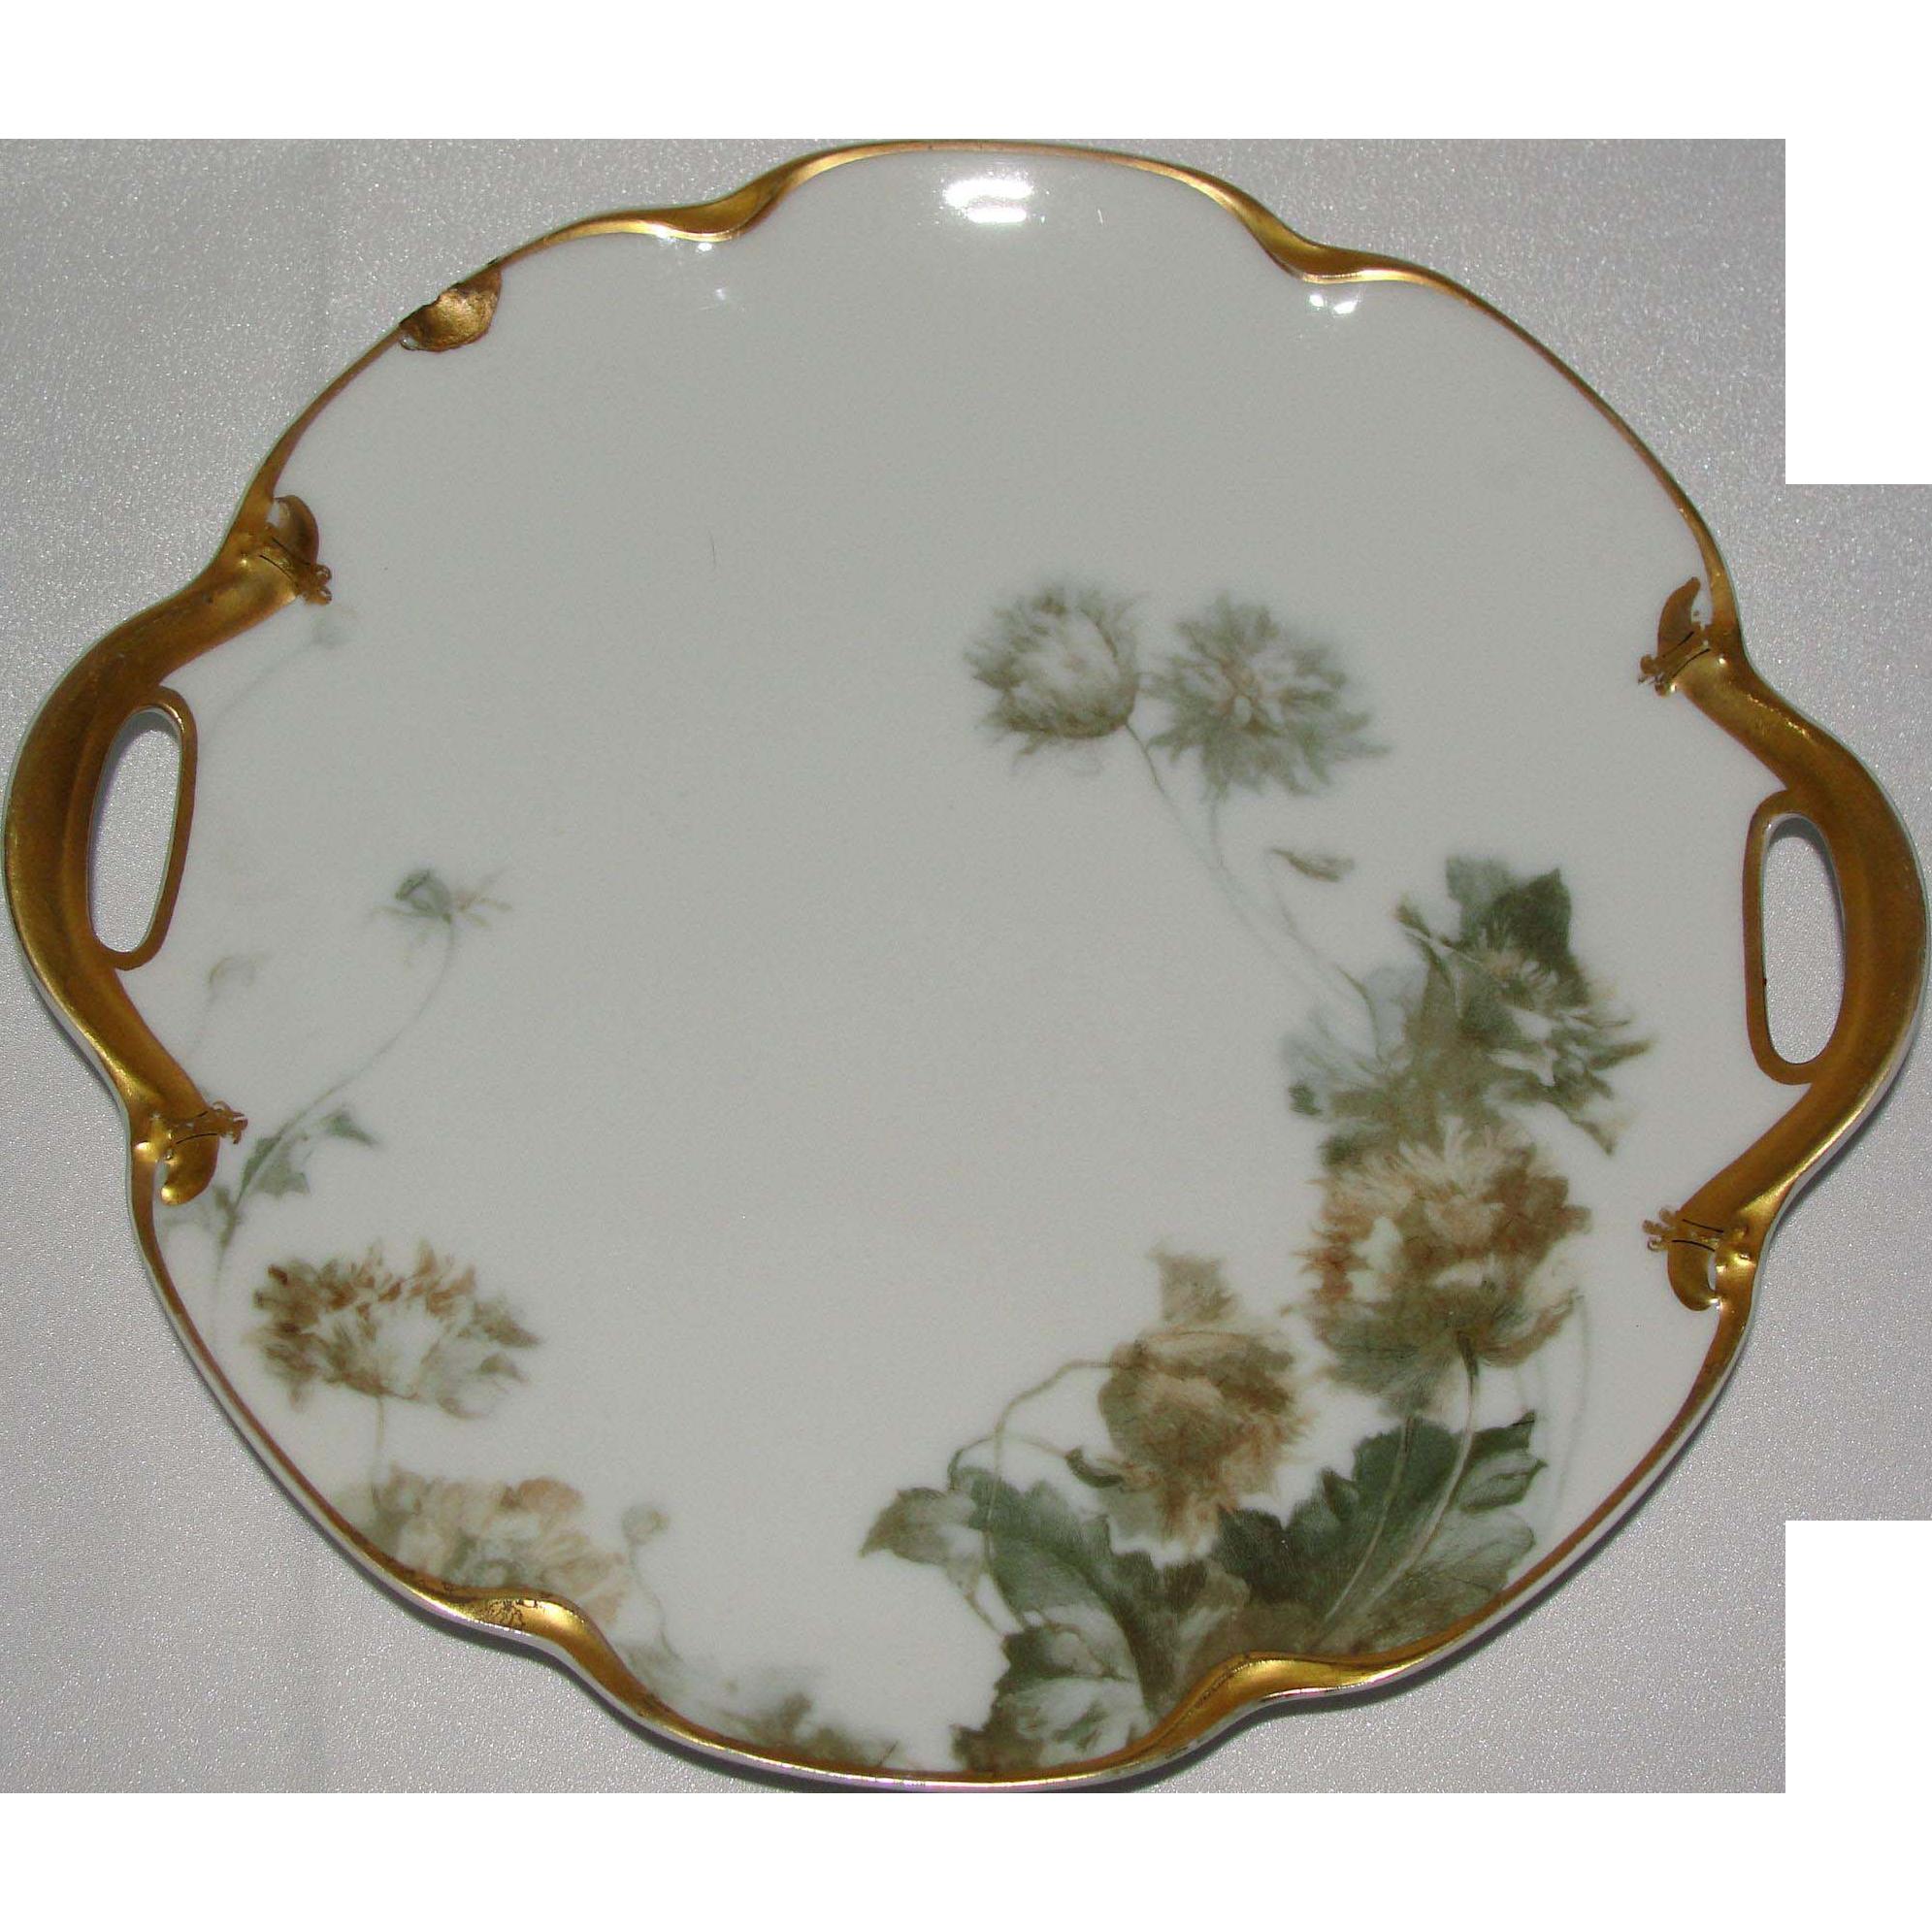 Feu de four haviland limoges porcelain charger plate with gold handles from p - De haviland porcelaine ...